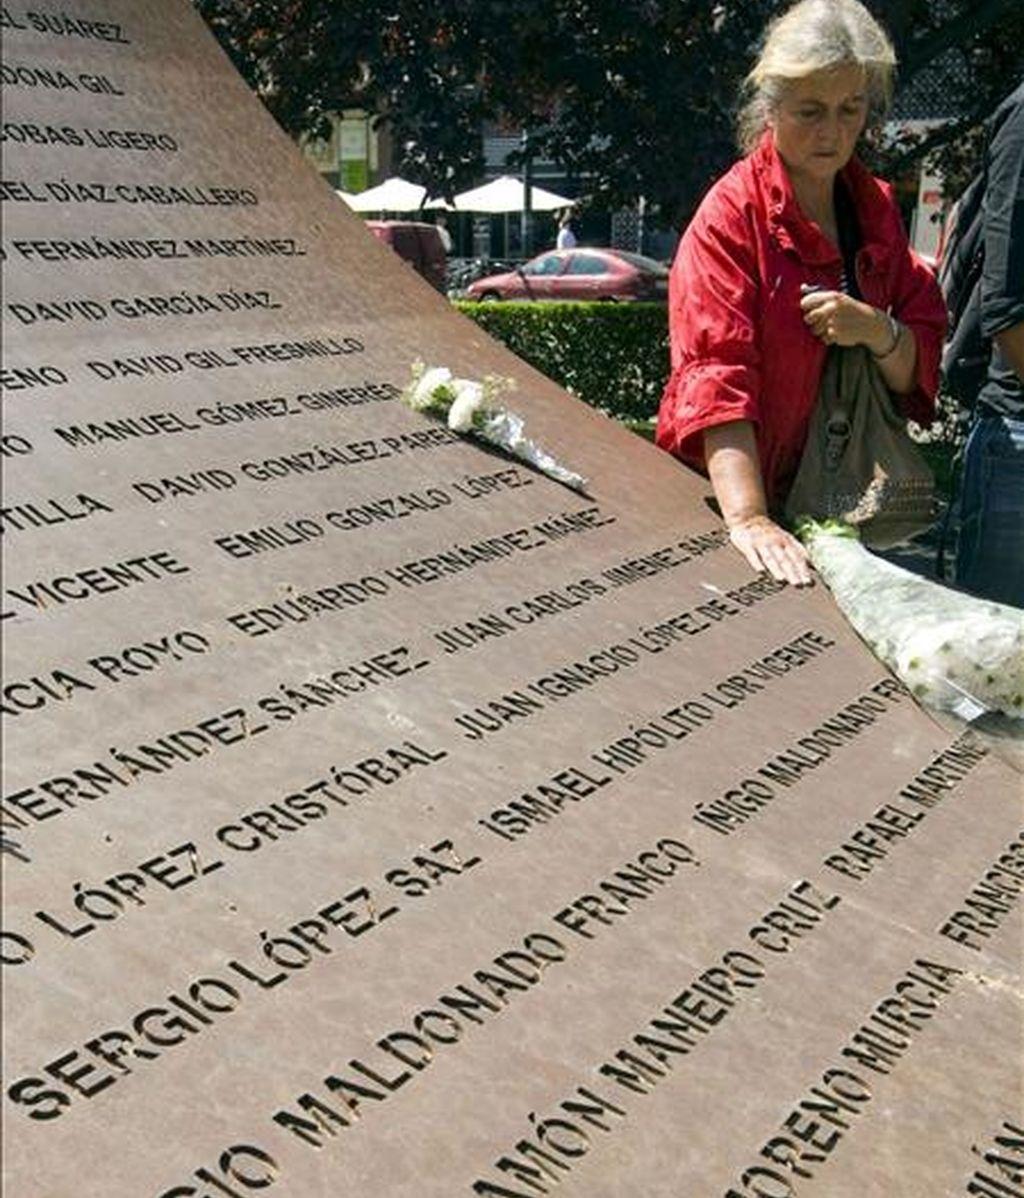 La madre de uno de los 62 militares muertos en el accidente del avión Yak-42 en Trebisonda (Turquía) toca el nombre de su hijo inscrito en el monumento conmemorativo de la tragedia erigido en Zaragoza. EFE/Archivo